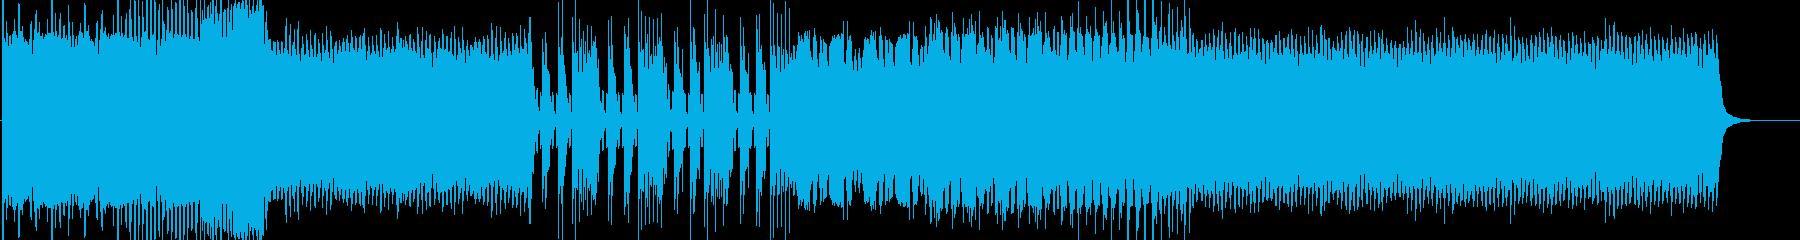 壮大でエモい4つ打ちEDMの再生済みの波形